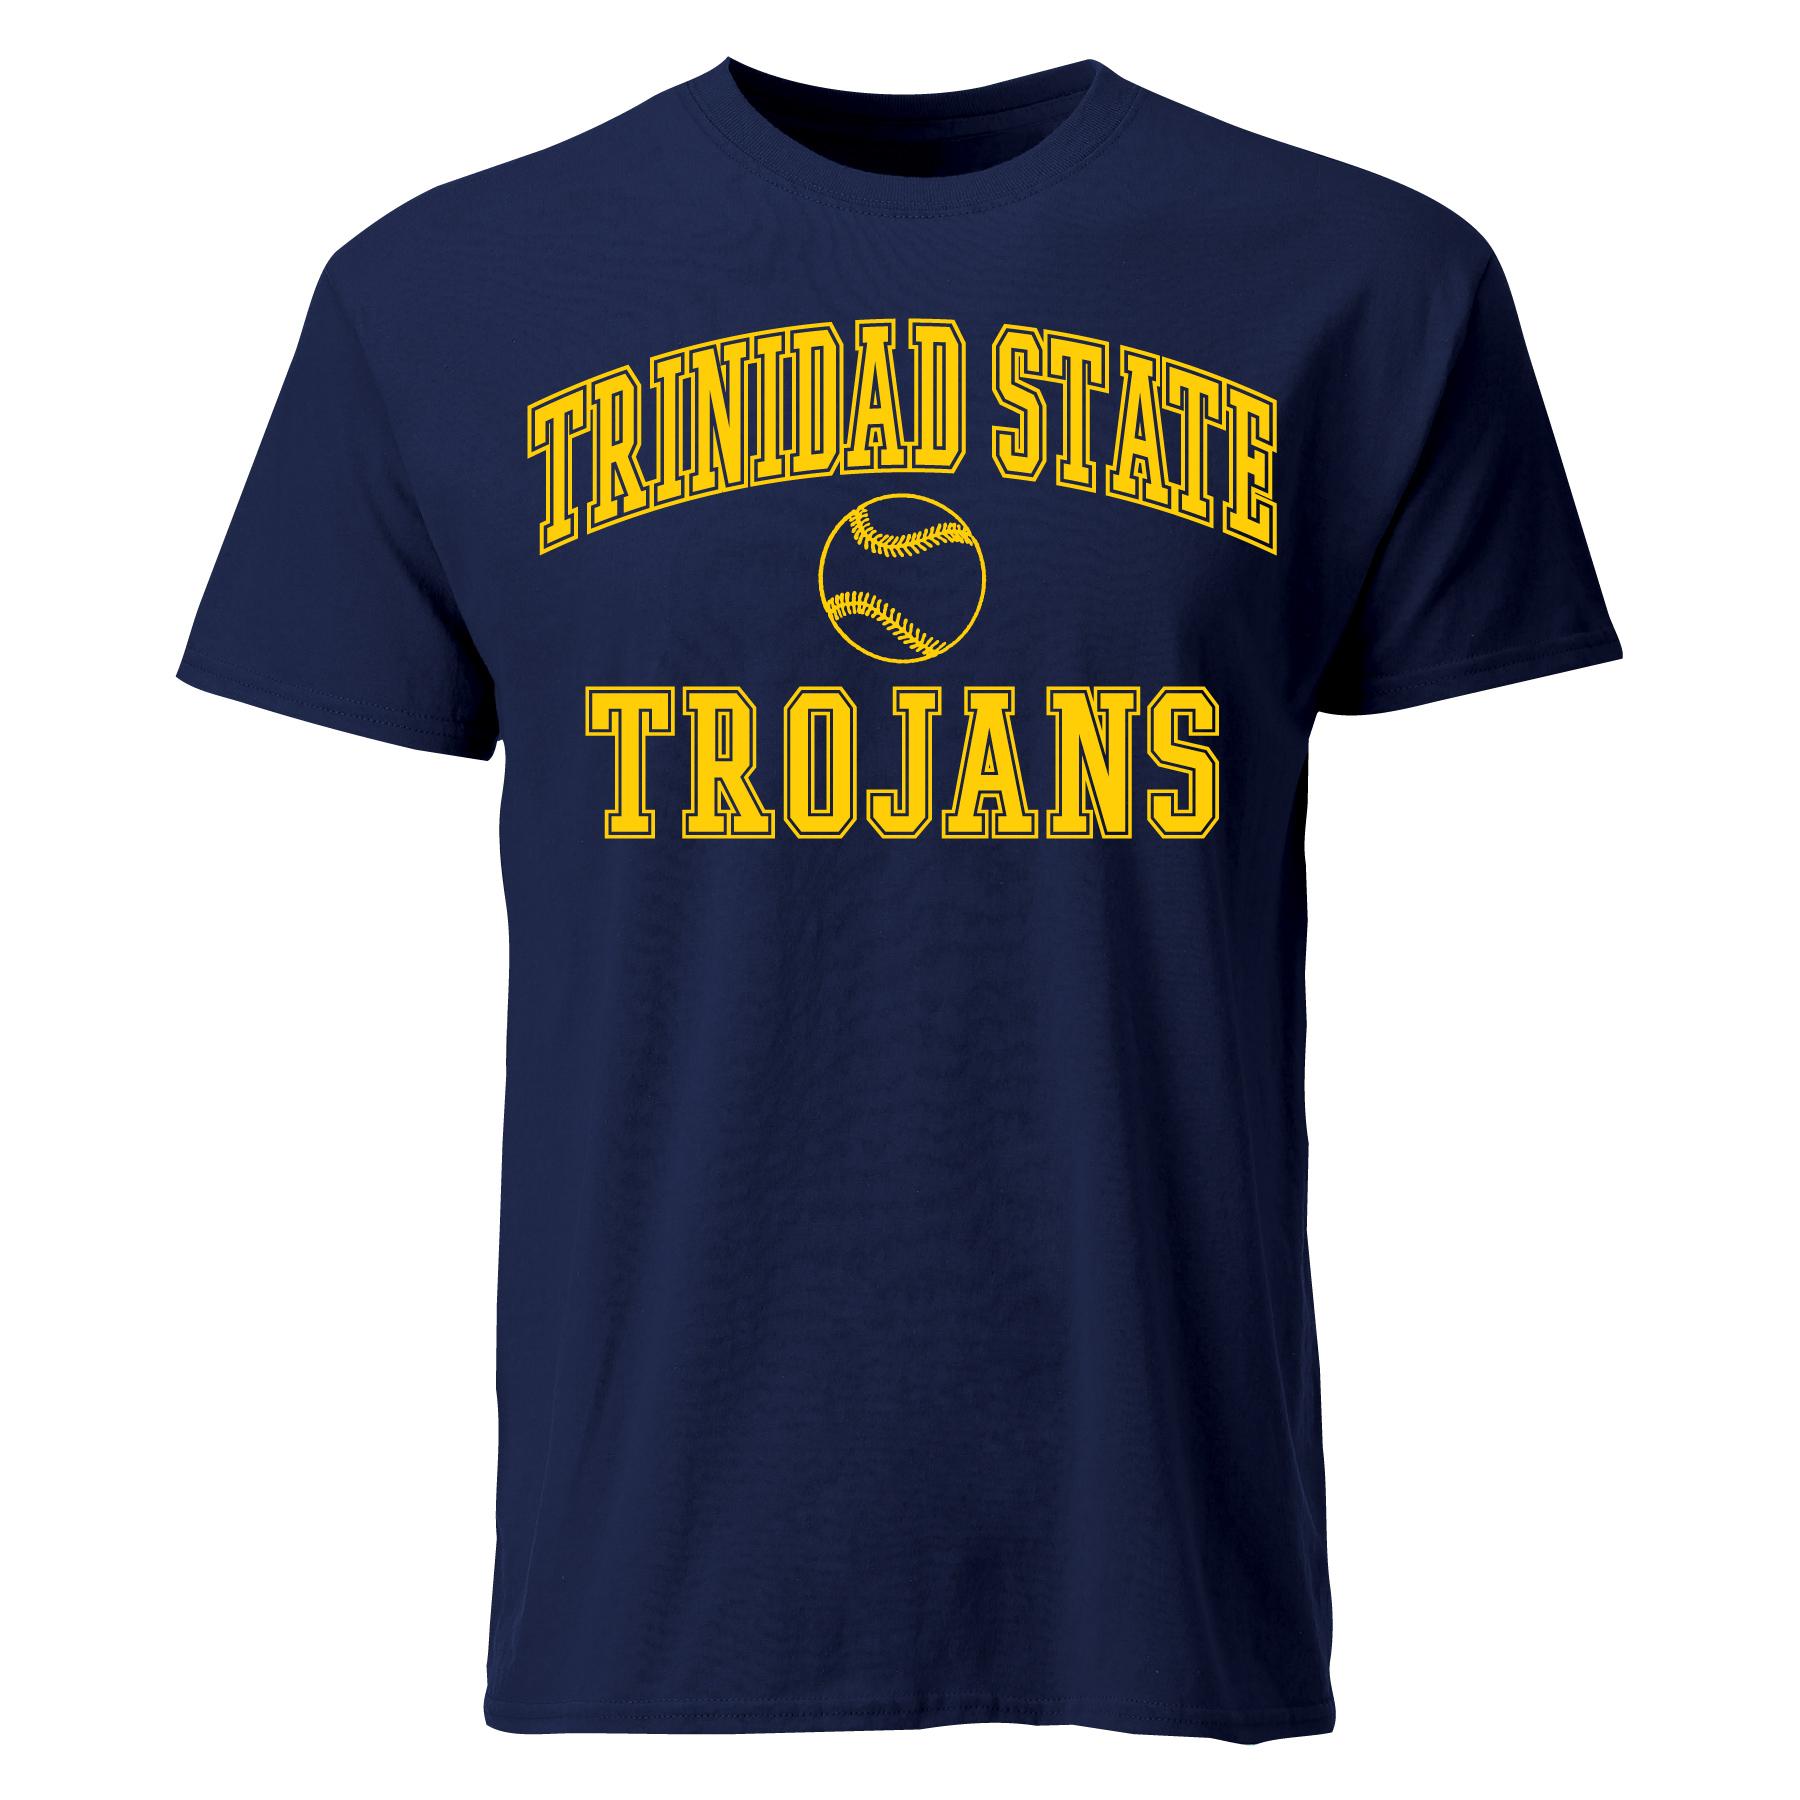 Trinidad State Softball T-Shirt